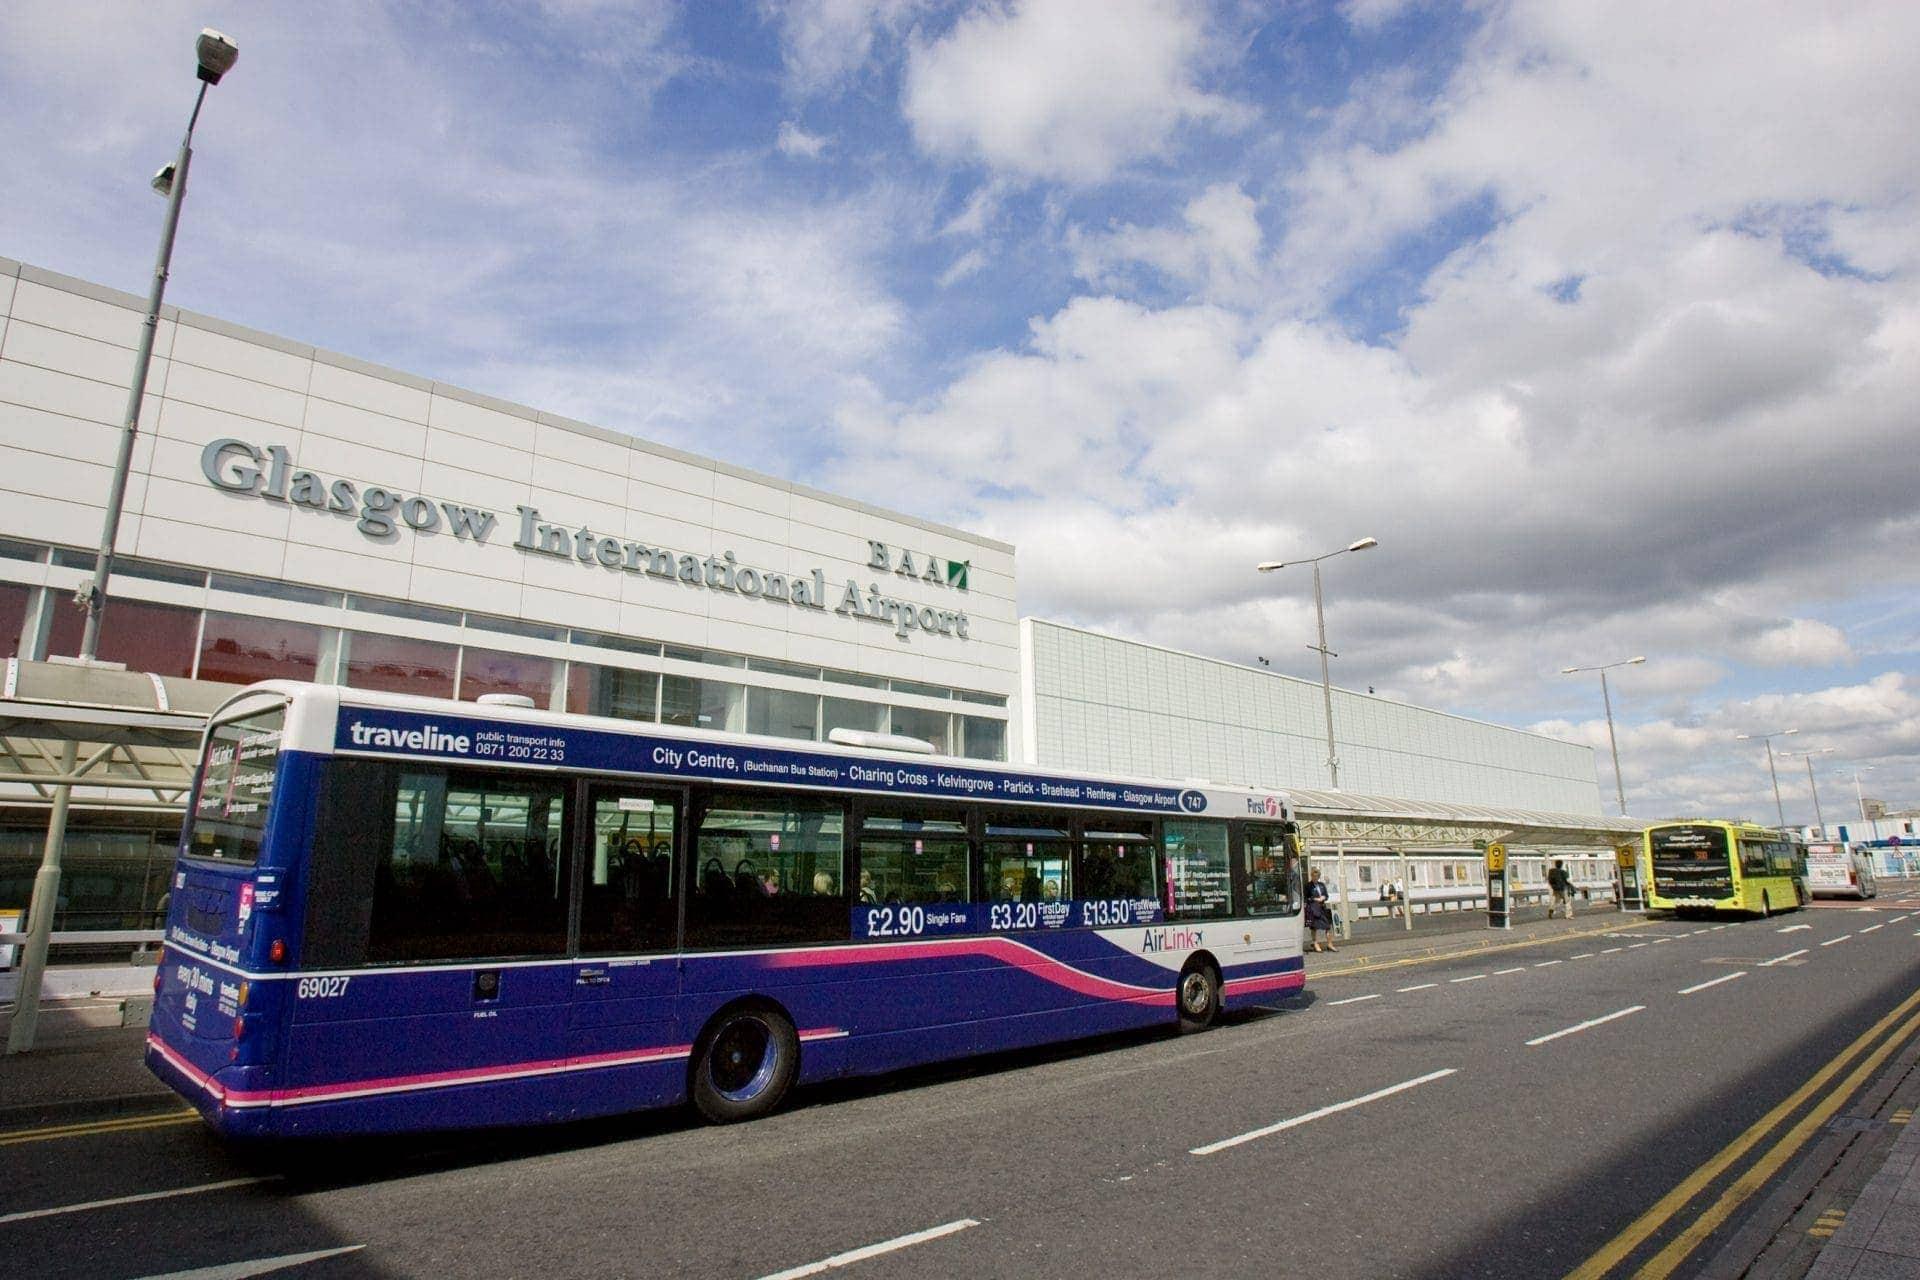 Aeropuerto de Glasgow 2016 resultados